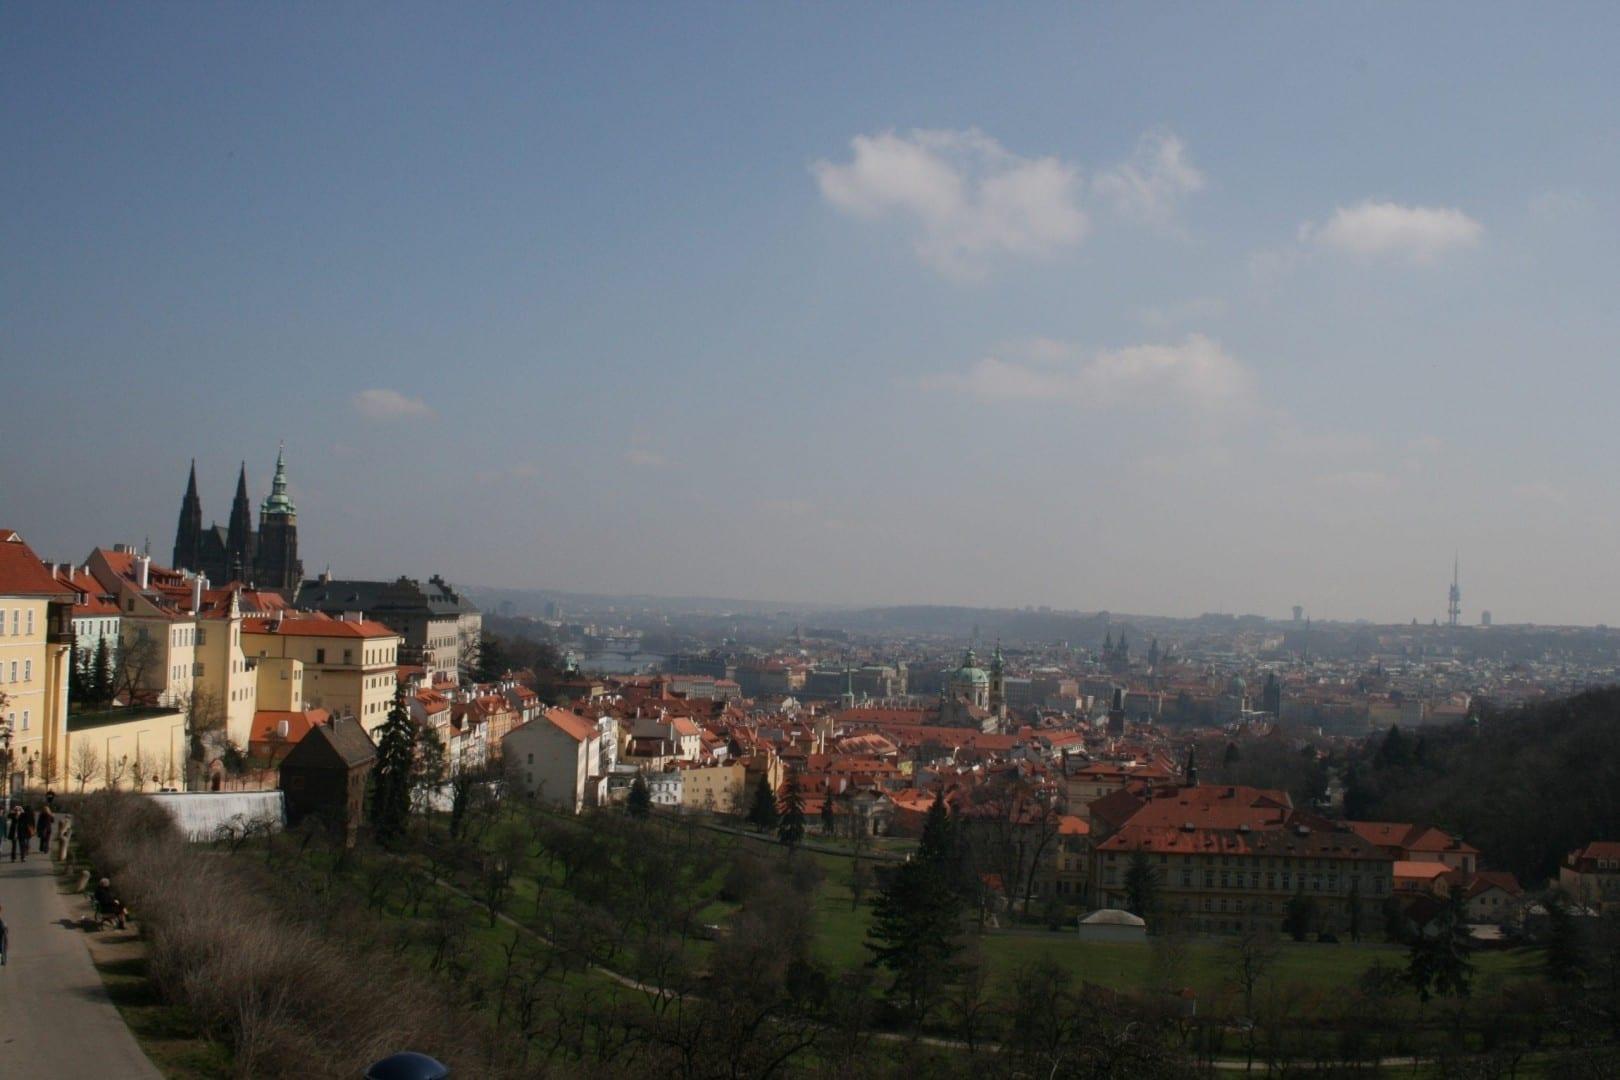 Vista sobre Praga (Castillo a la izquierda) República Checa